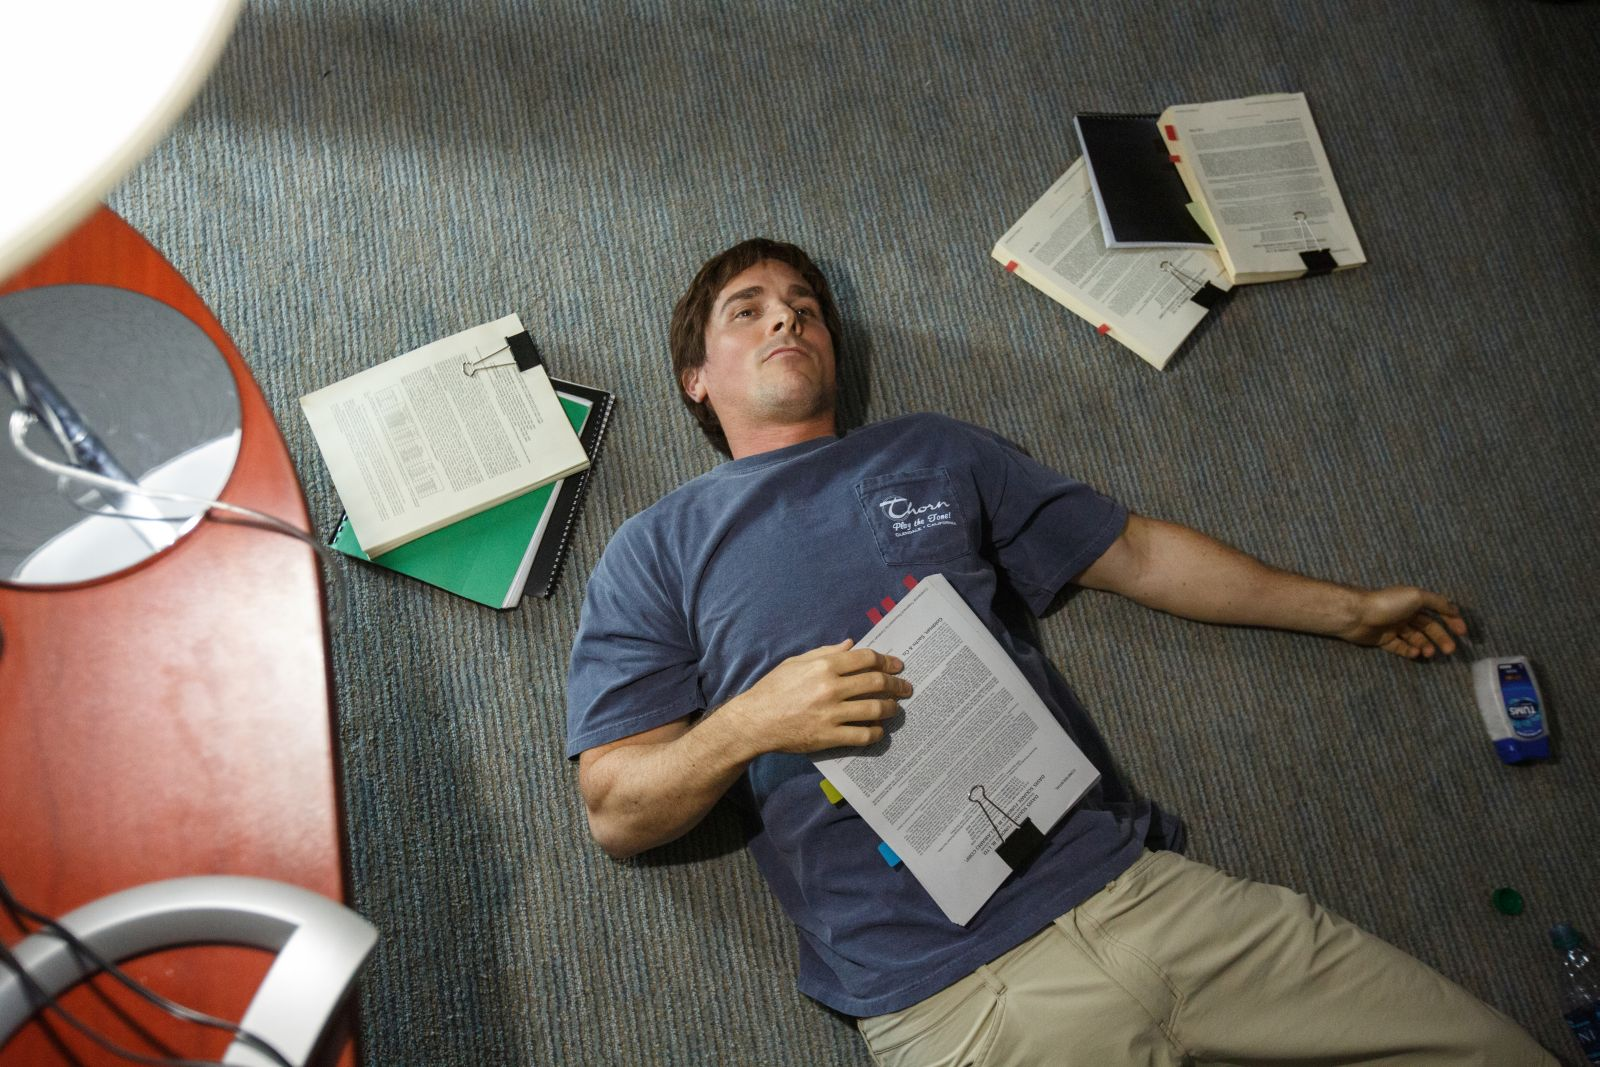 La grande scommessa: Christian Bale steso a terra in una scena del film